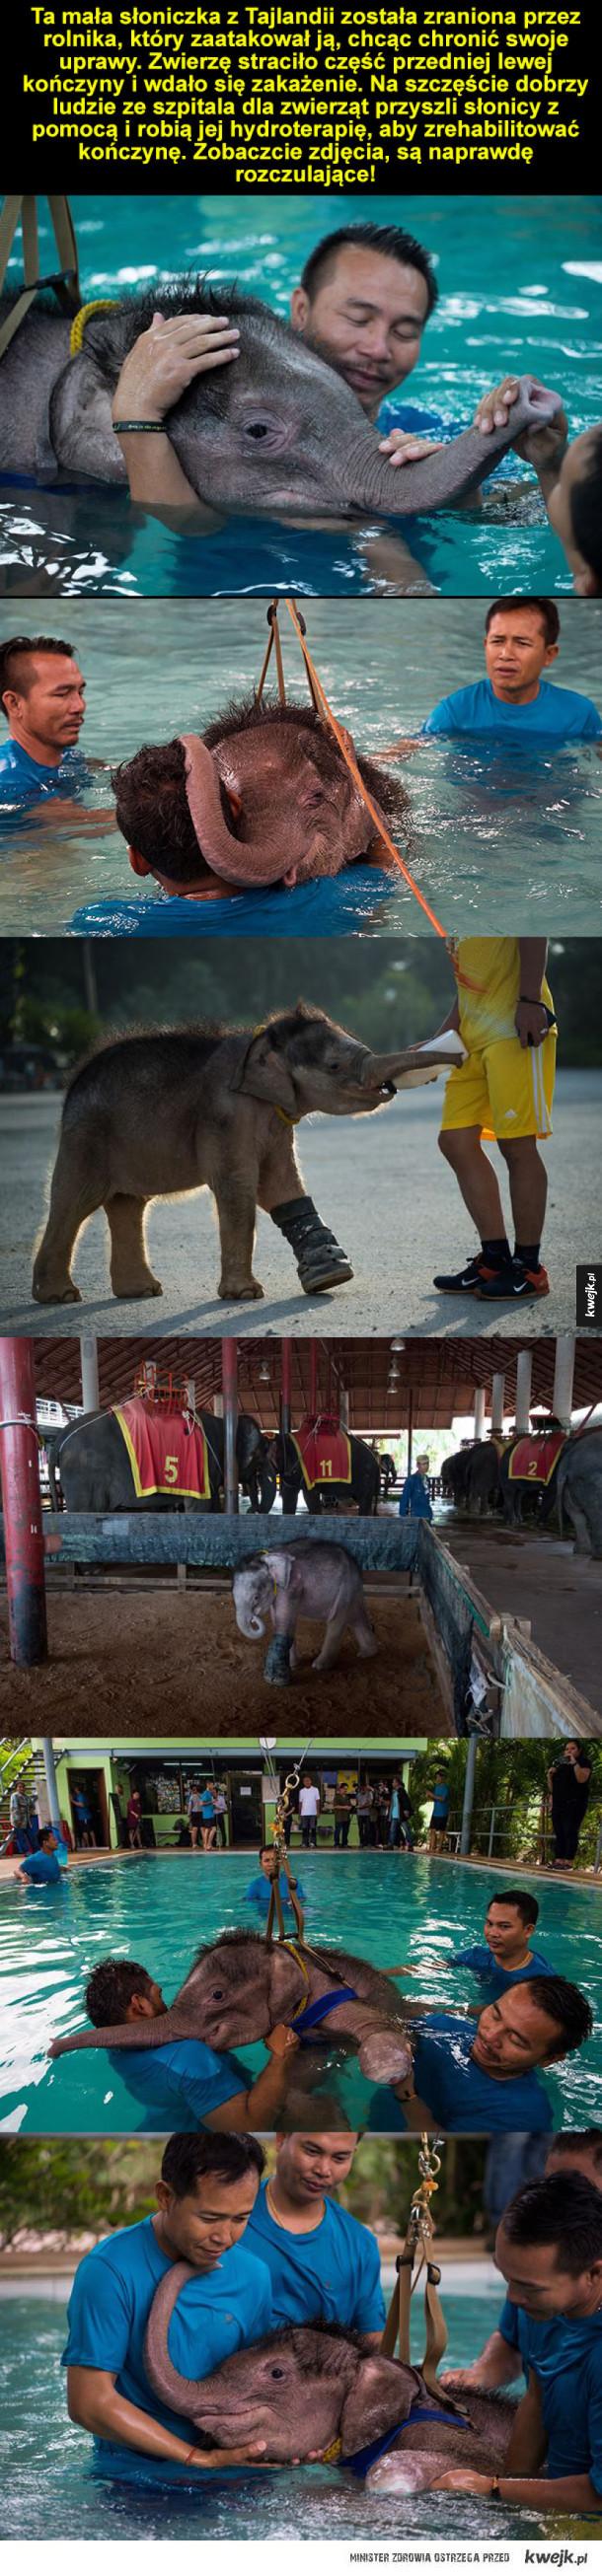 Hydroterapia dla słonia